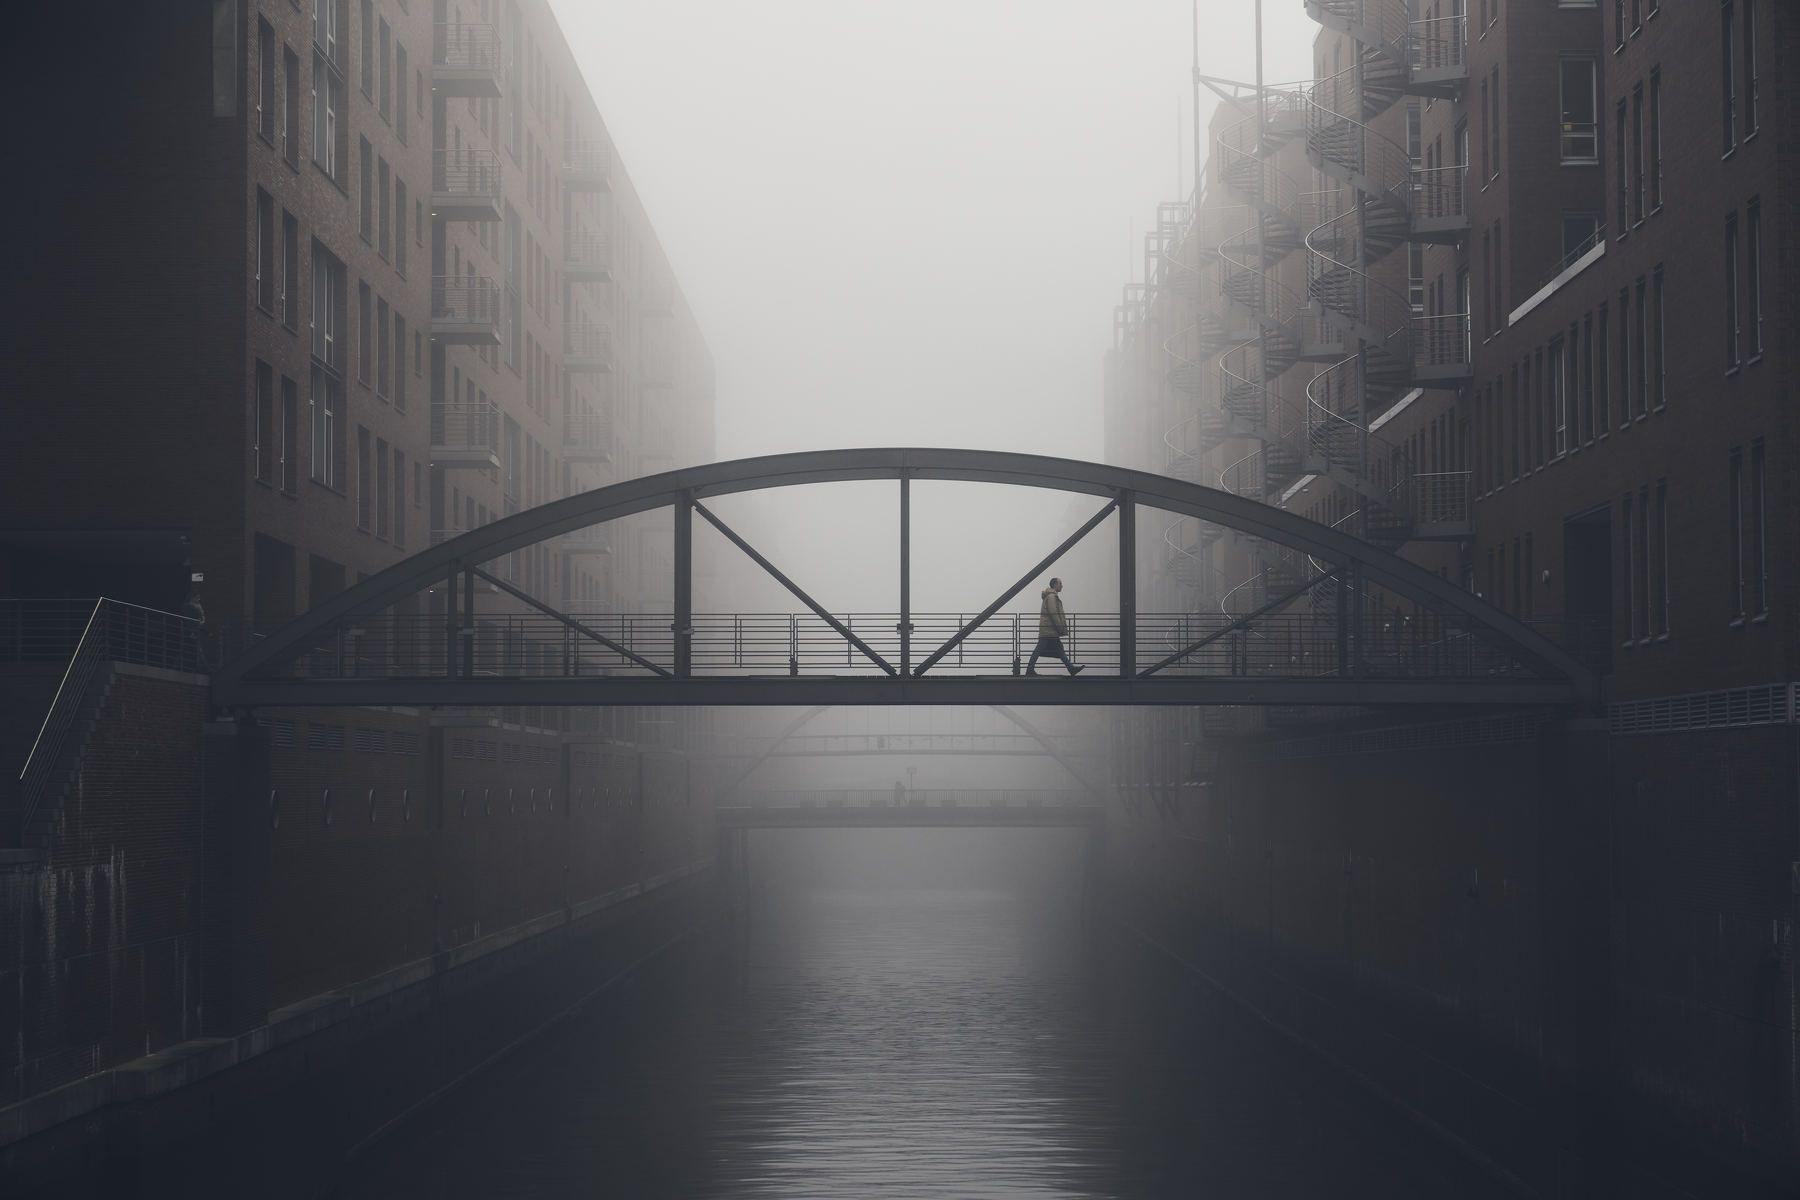 hamburg, germany, water, fleet, canal, speicherstadt, street, urban, Schönberg Alexander